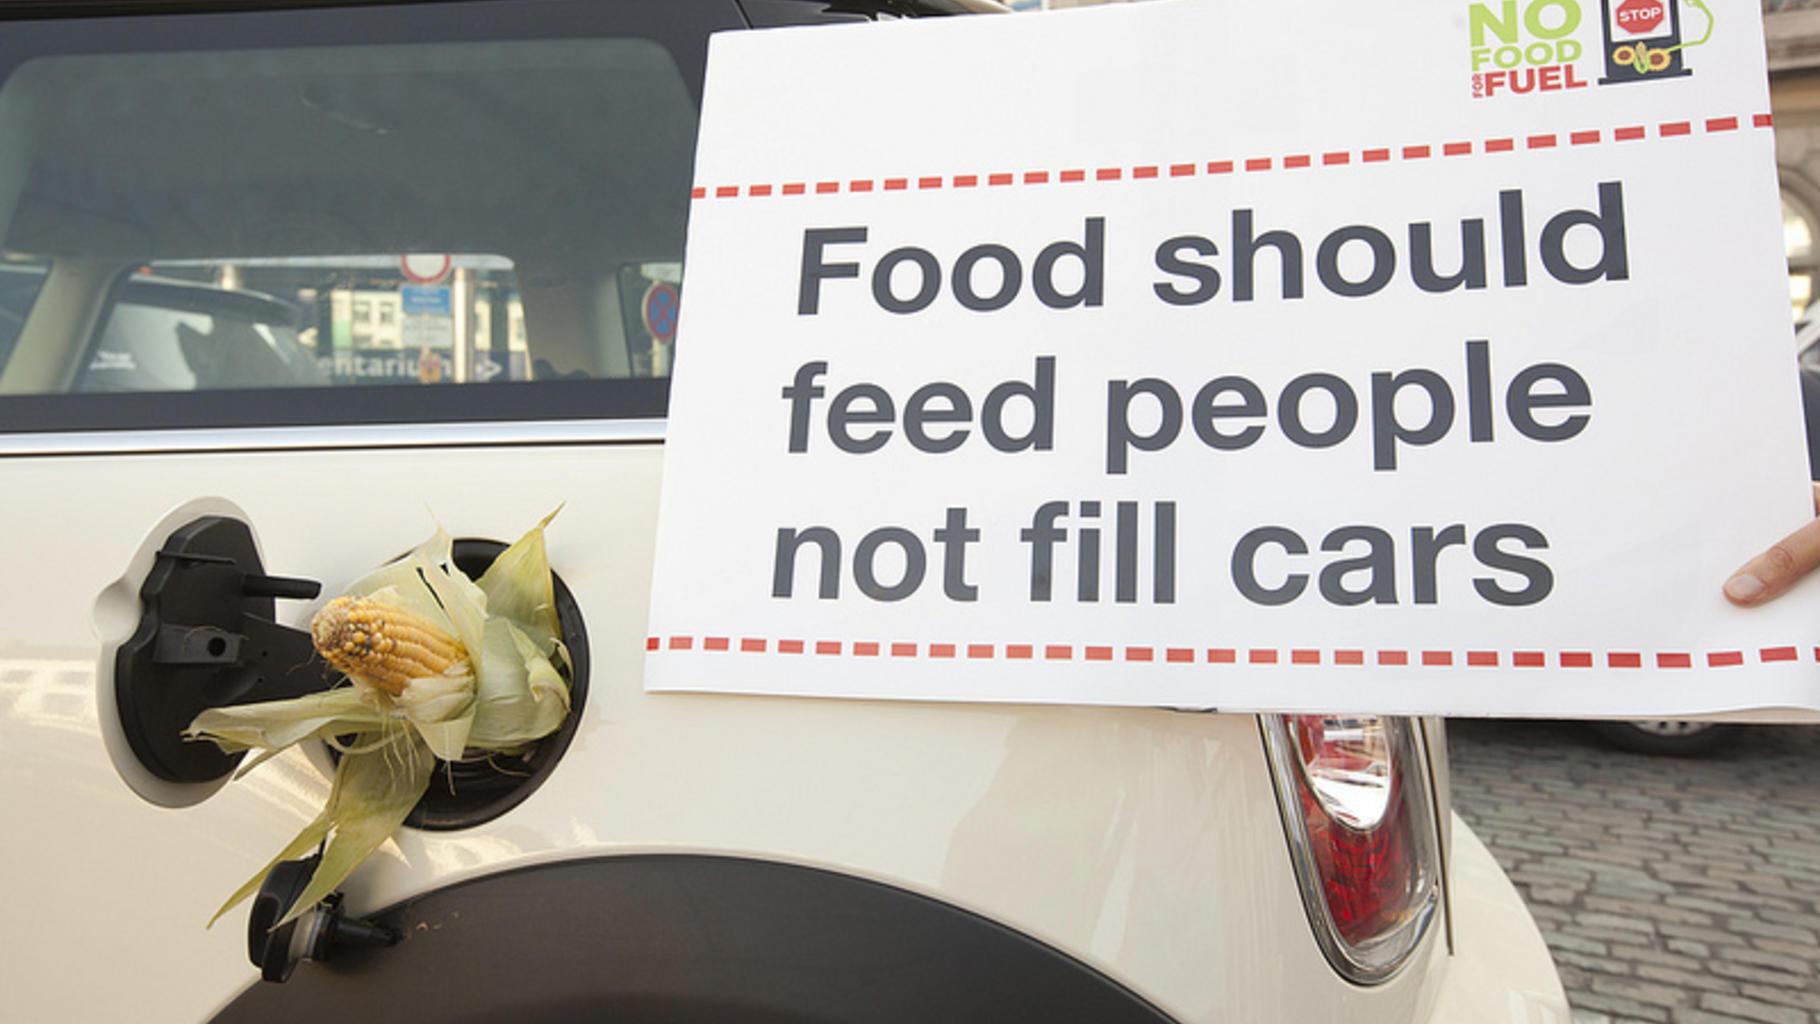 Auto mit Maiskolben in Tanköffnung